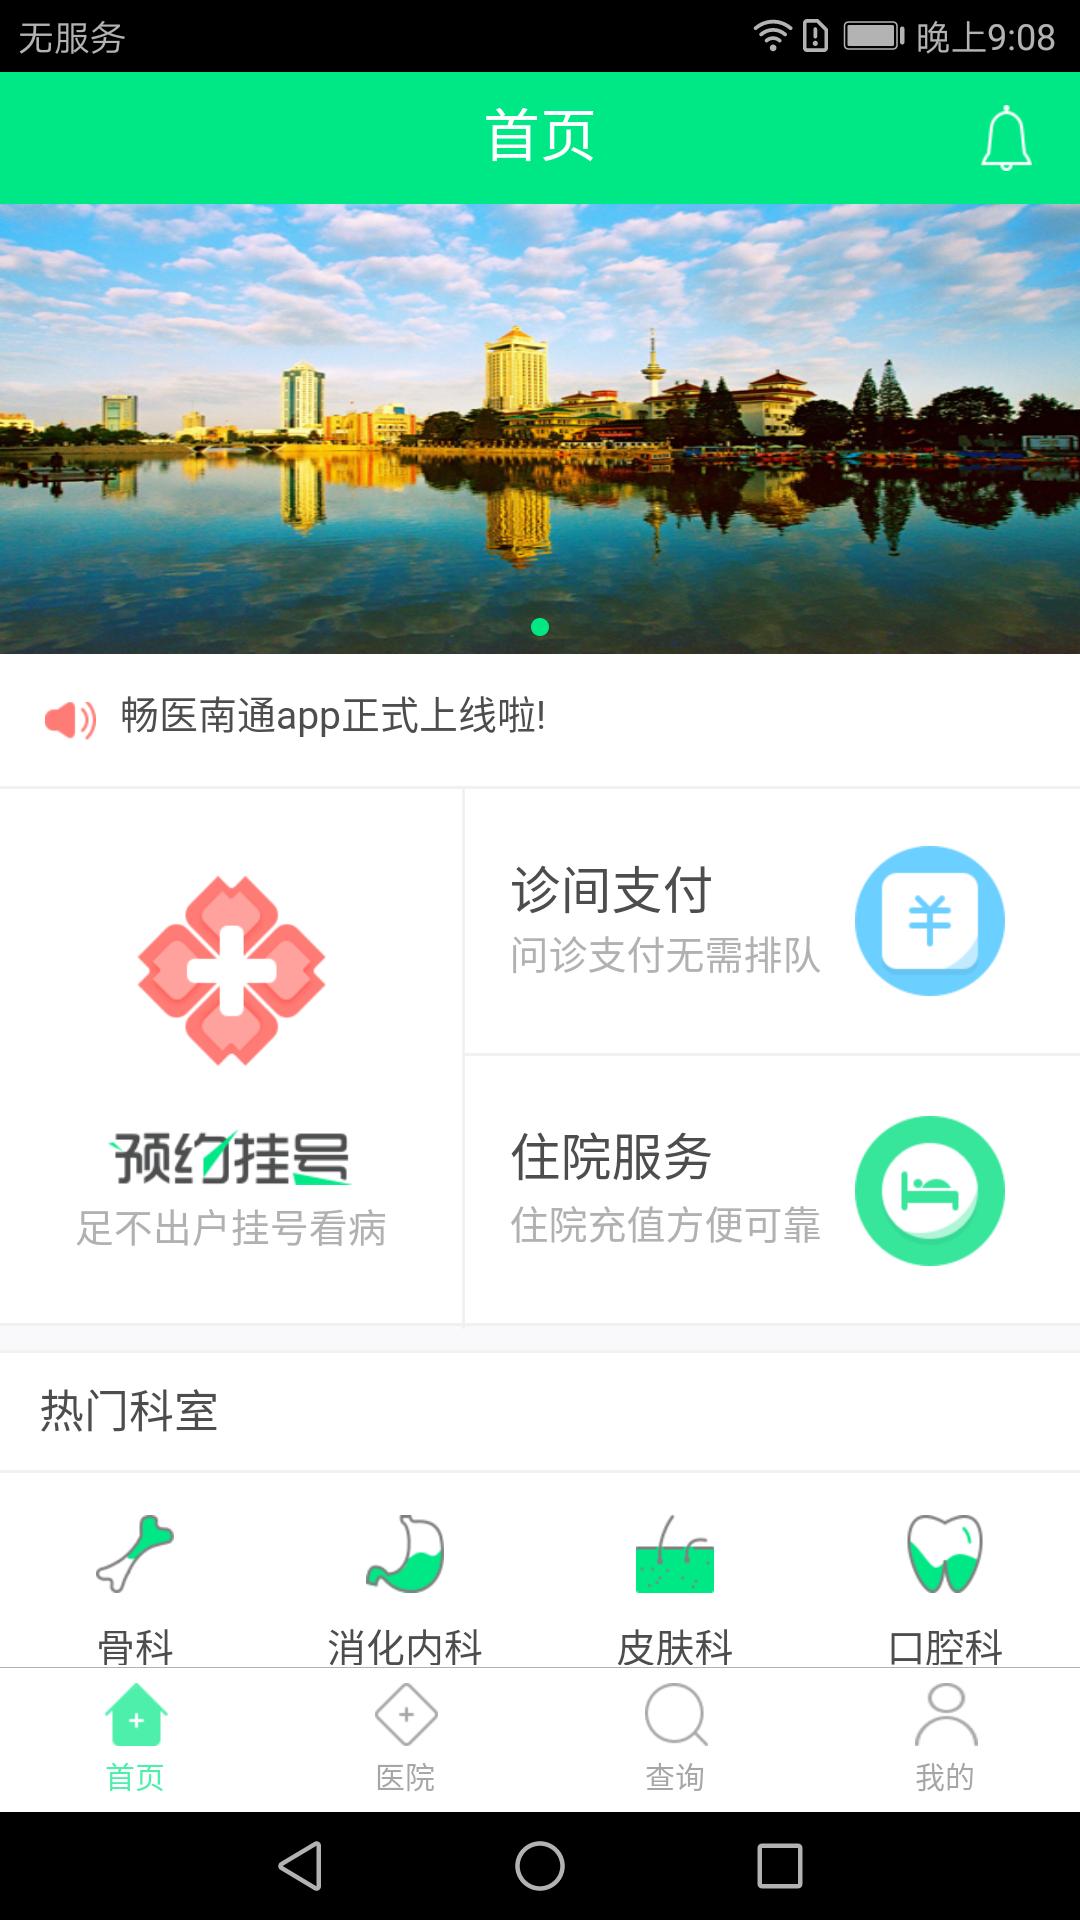 畅医南通V1.0.0 安卓版